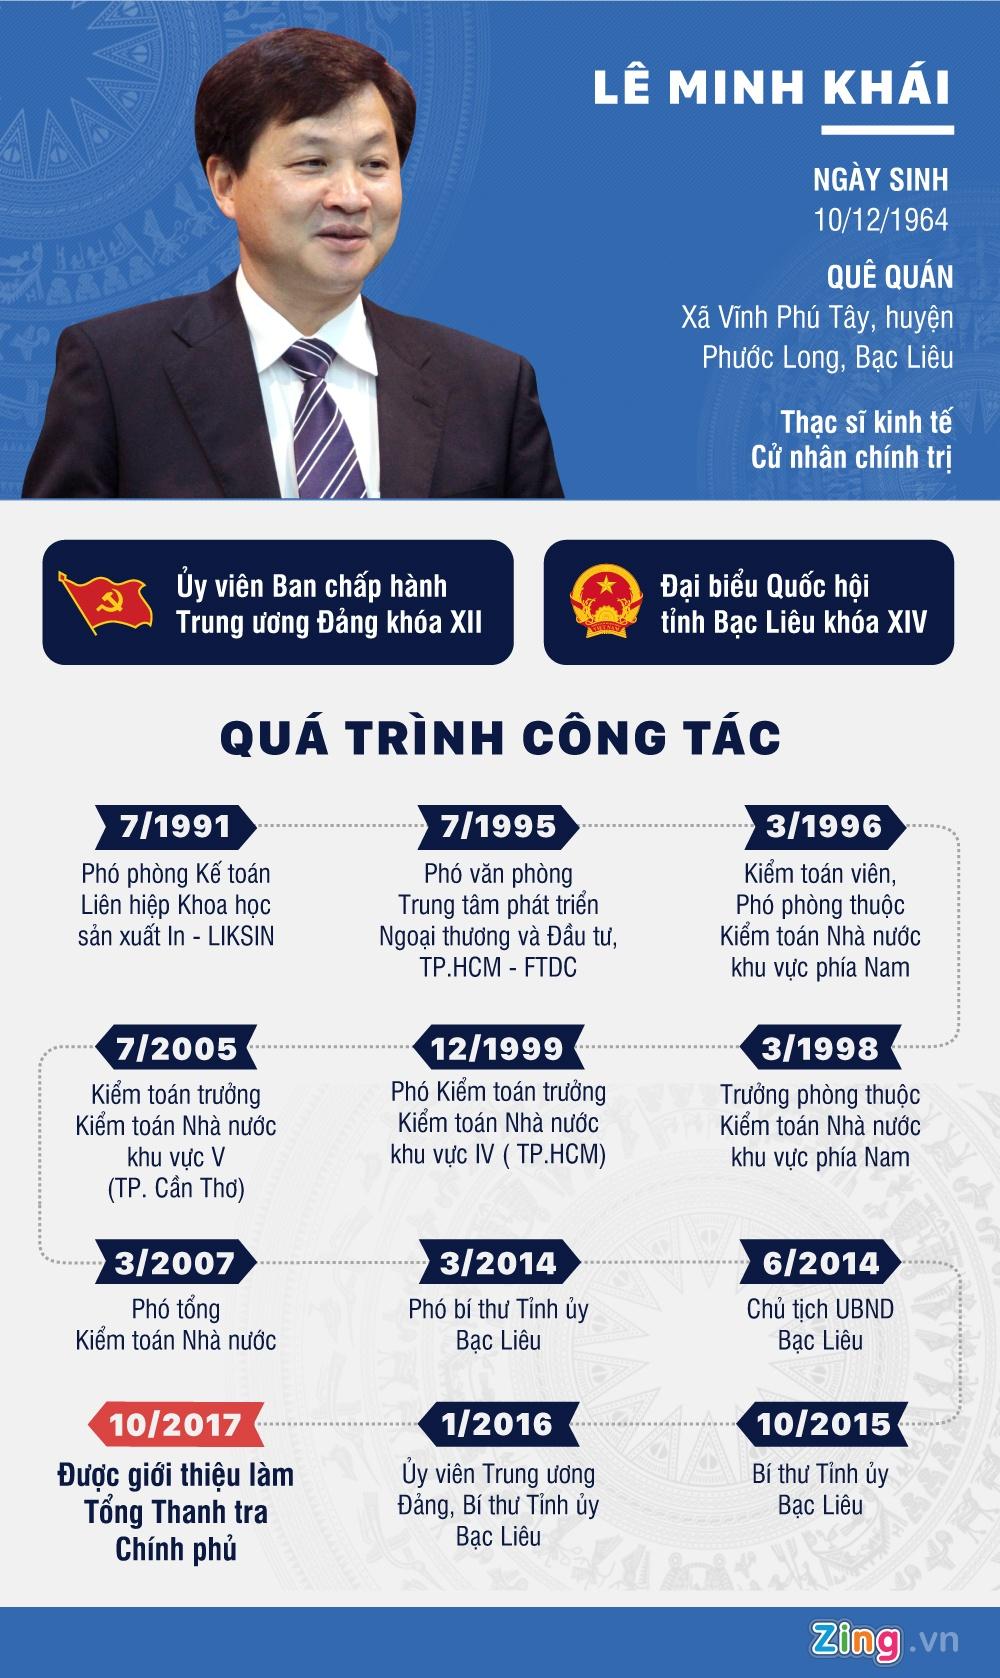 Duong thang tien cua ung vien Bo truong Giao thong, Tong Thanh tra hinh anh 2